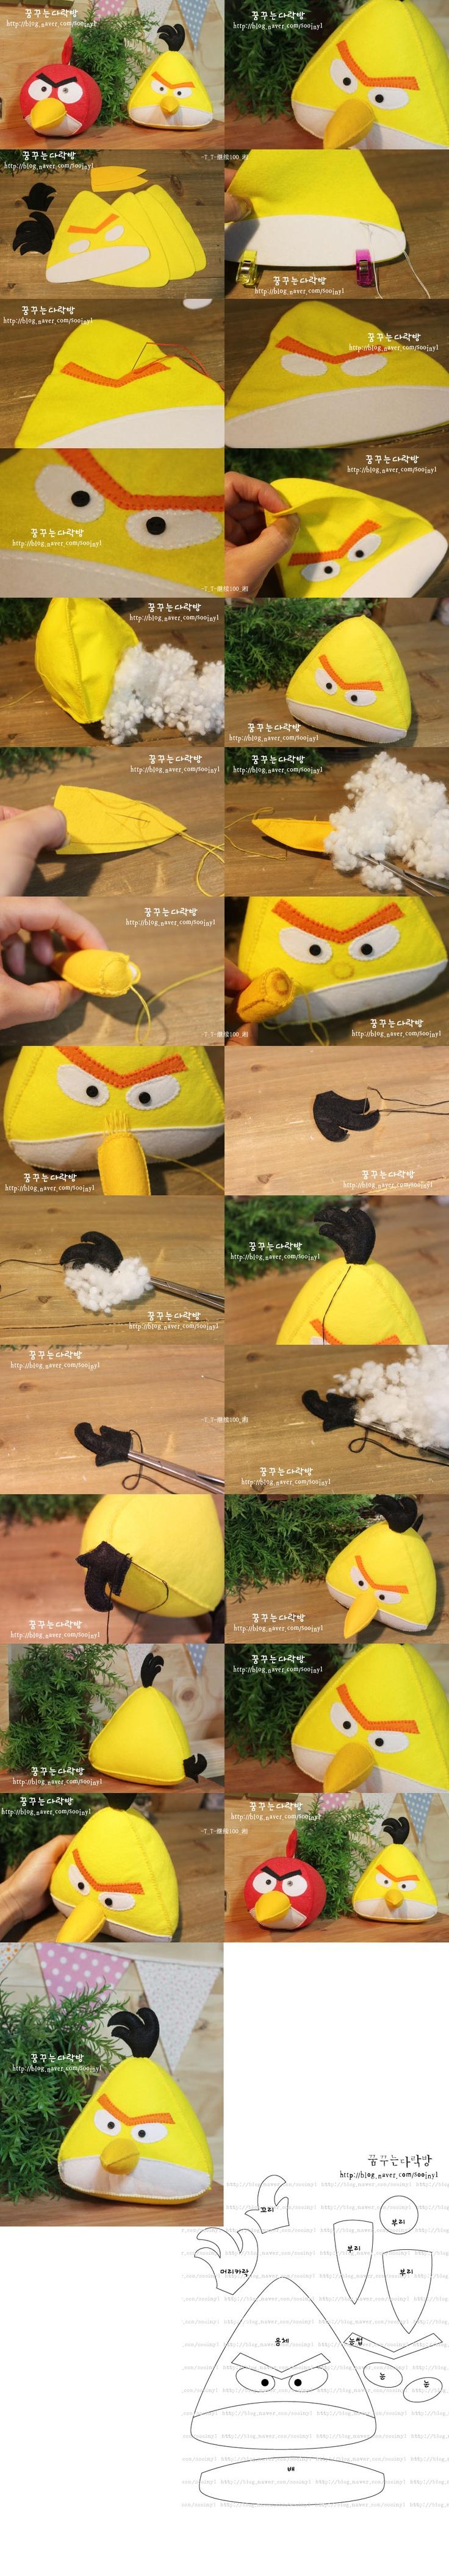 Angry Birds Pillow - Yellow Bird